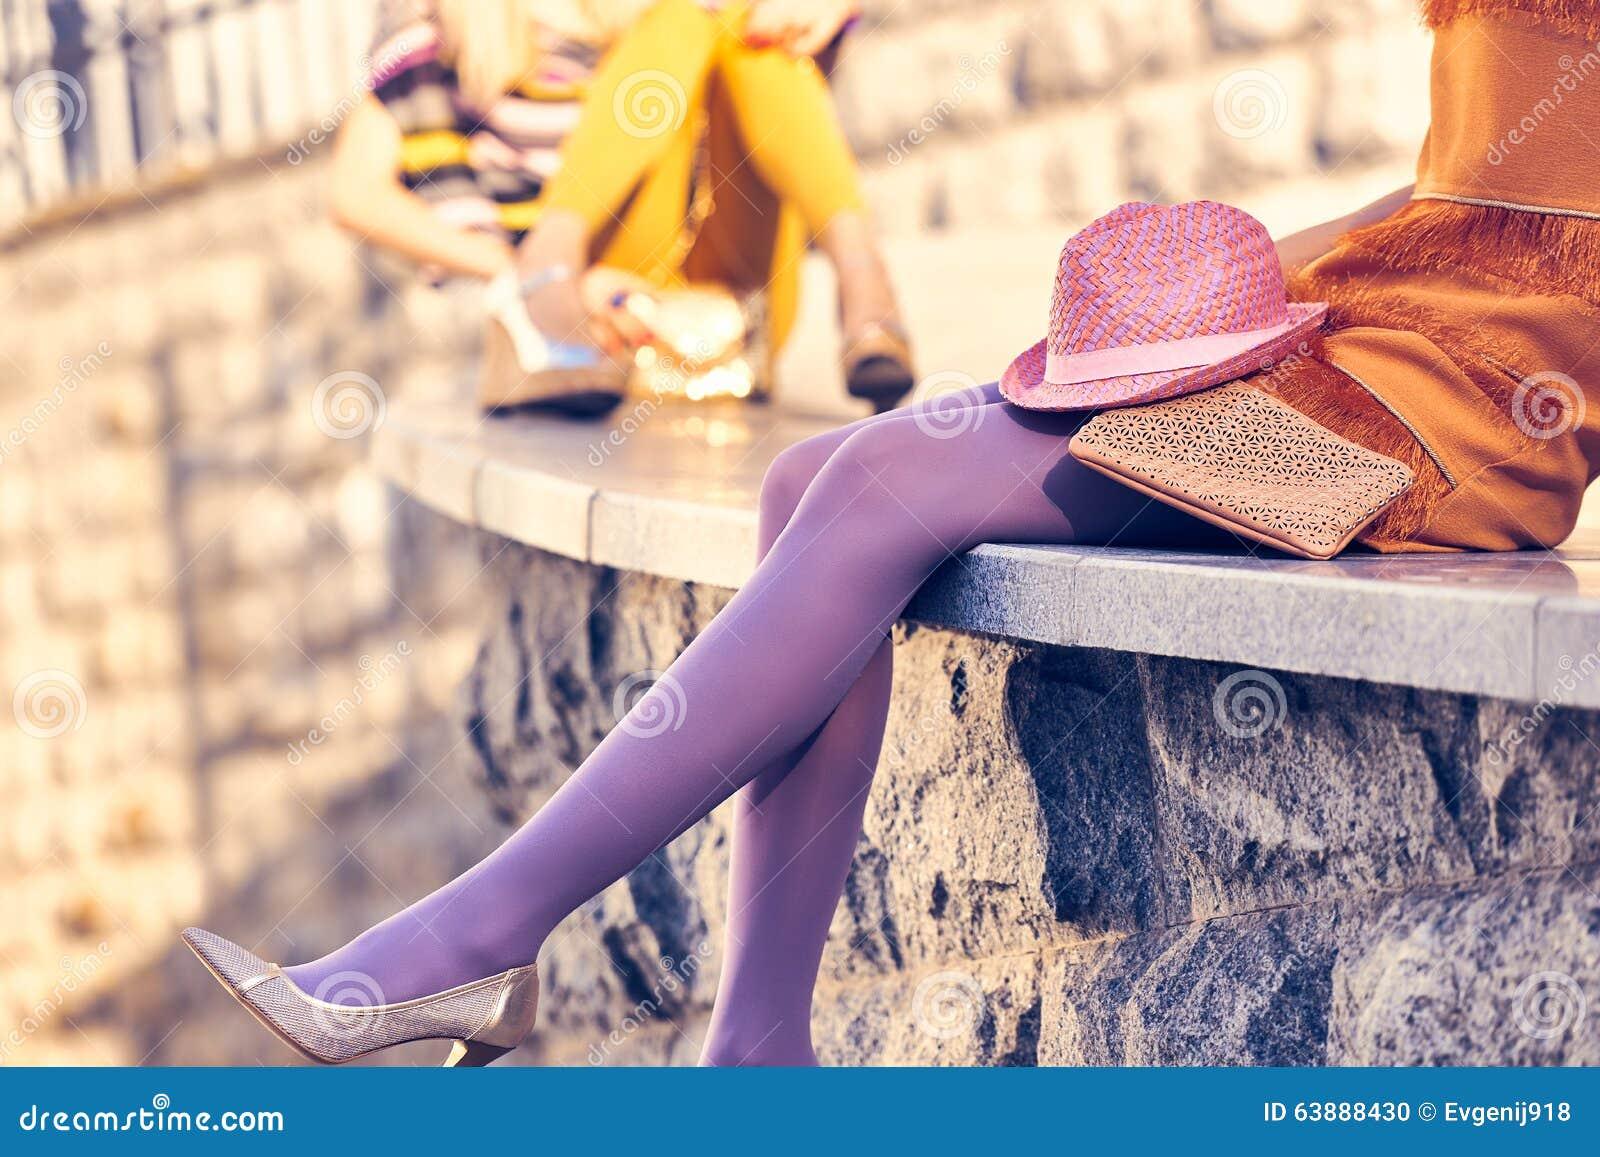 Αστικοί άνθρωποι μόδας, γυναίκας, υπαίθριας lifestyle